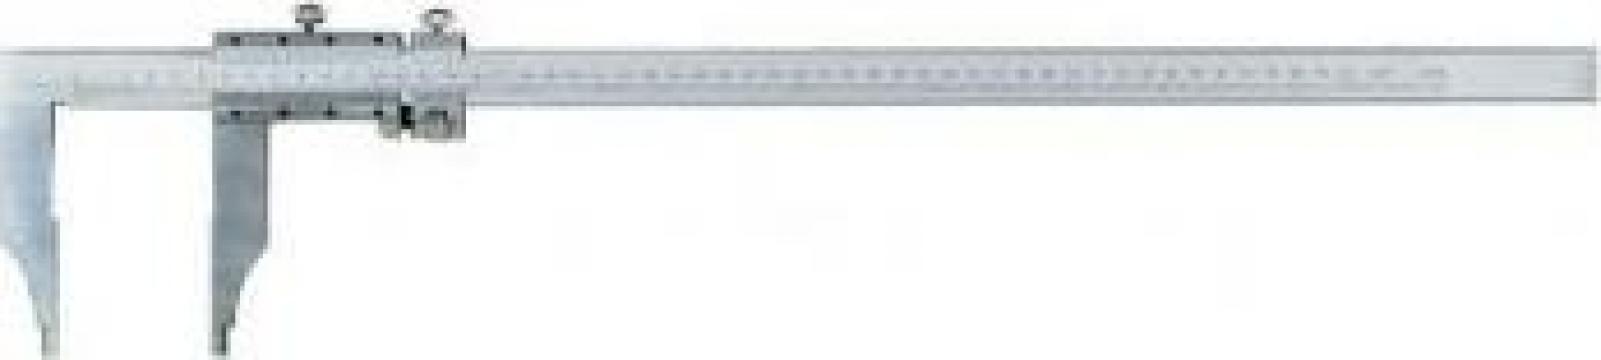 Subler cu ajustare fina 0 - 500 C020/500 de la Proma Machinery Srl.